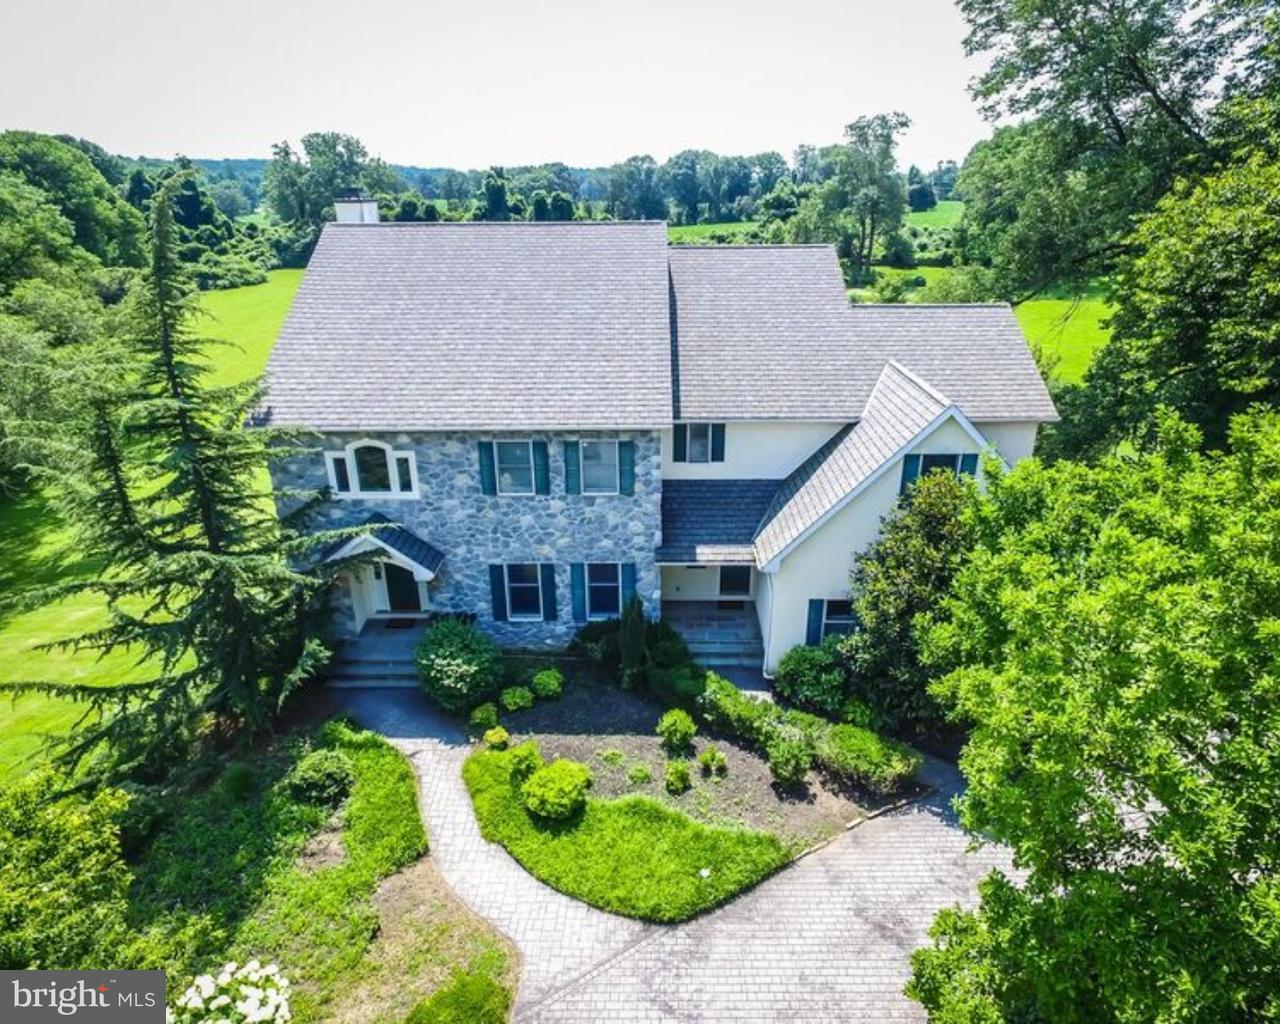 Частный односемейный дом для того Продажа на 1104 CLOVER Lane Glen Mills, Пенсильвания 19342 Соединенные Штаты